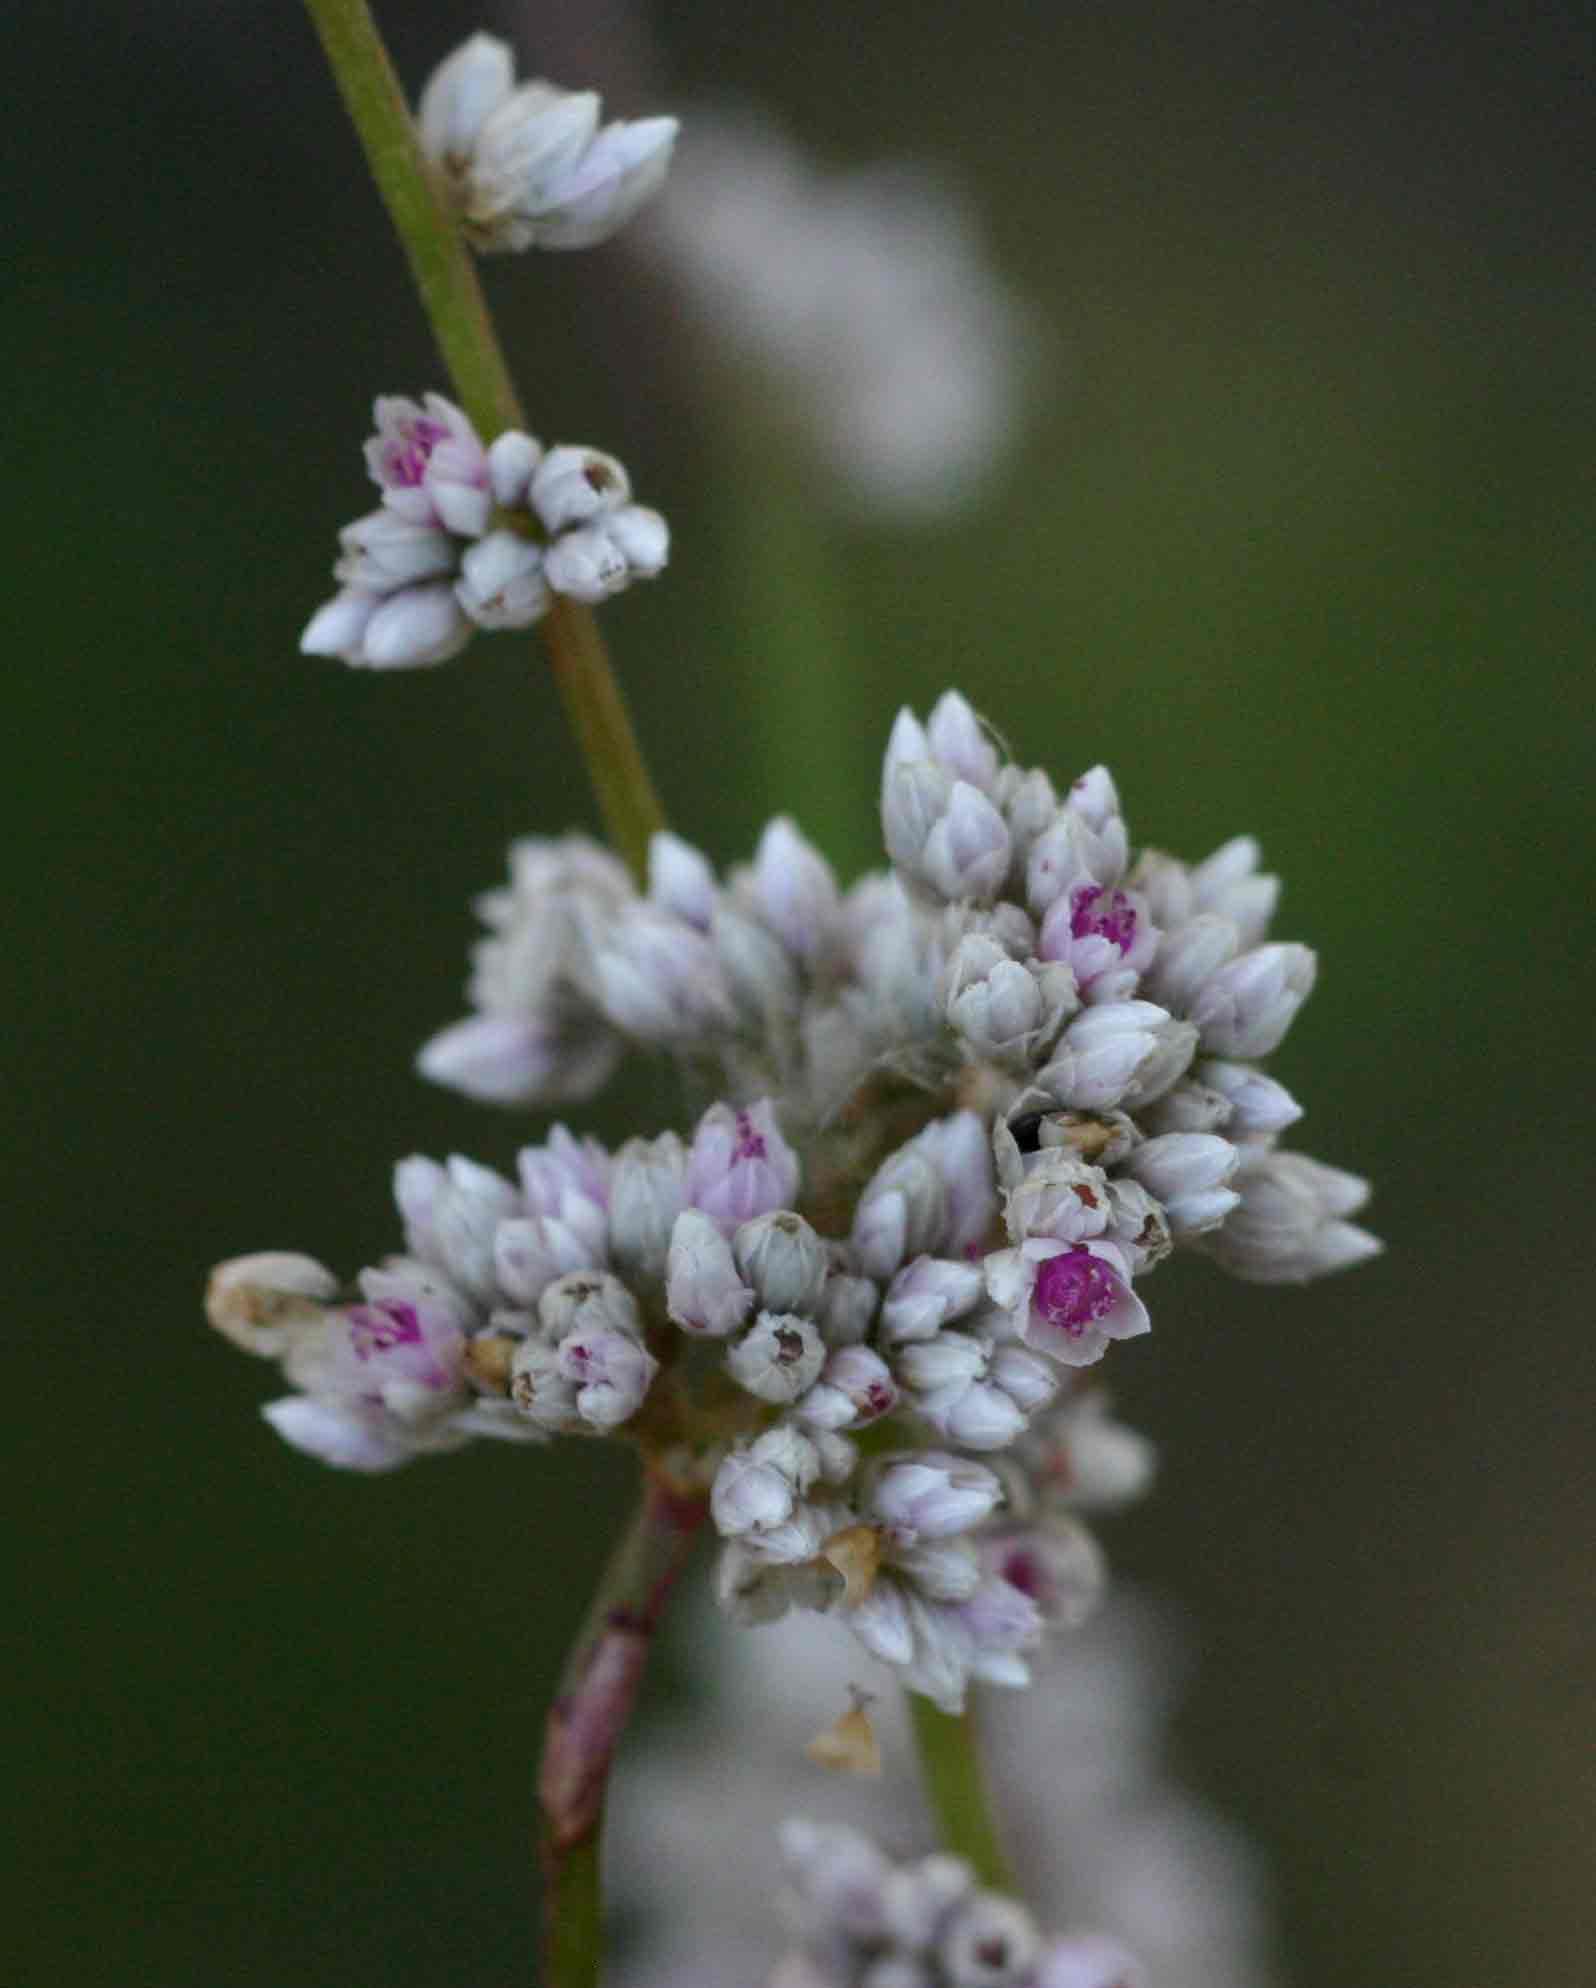 Celosia trigyna